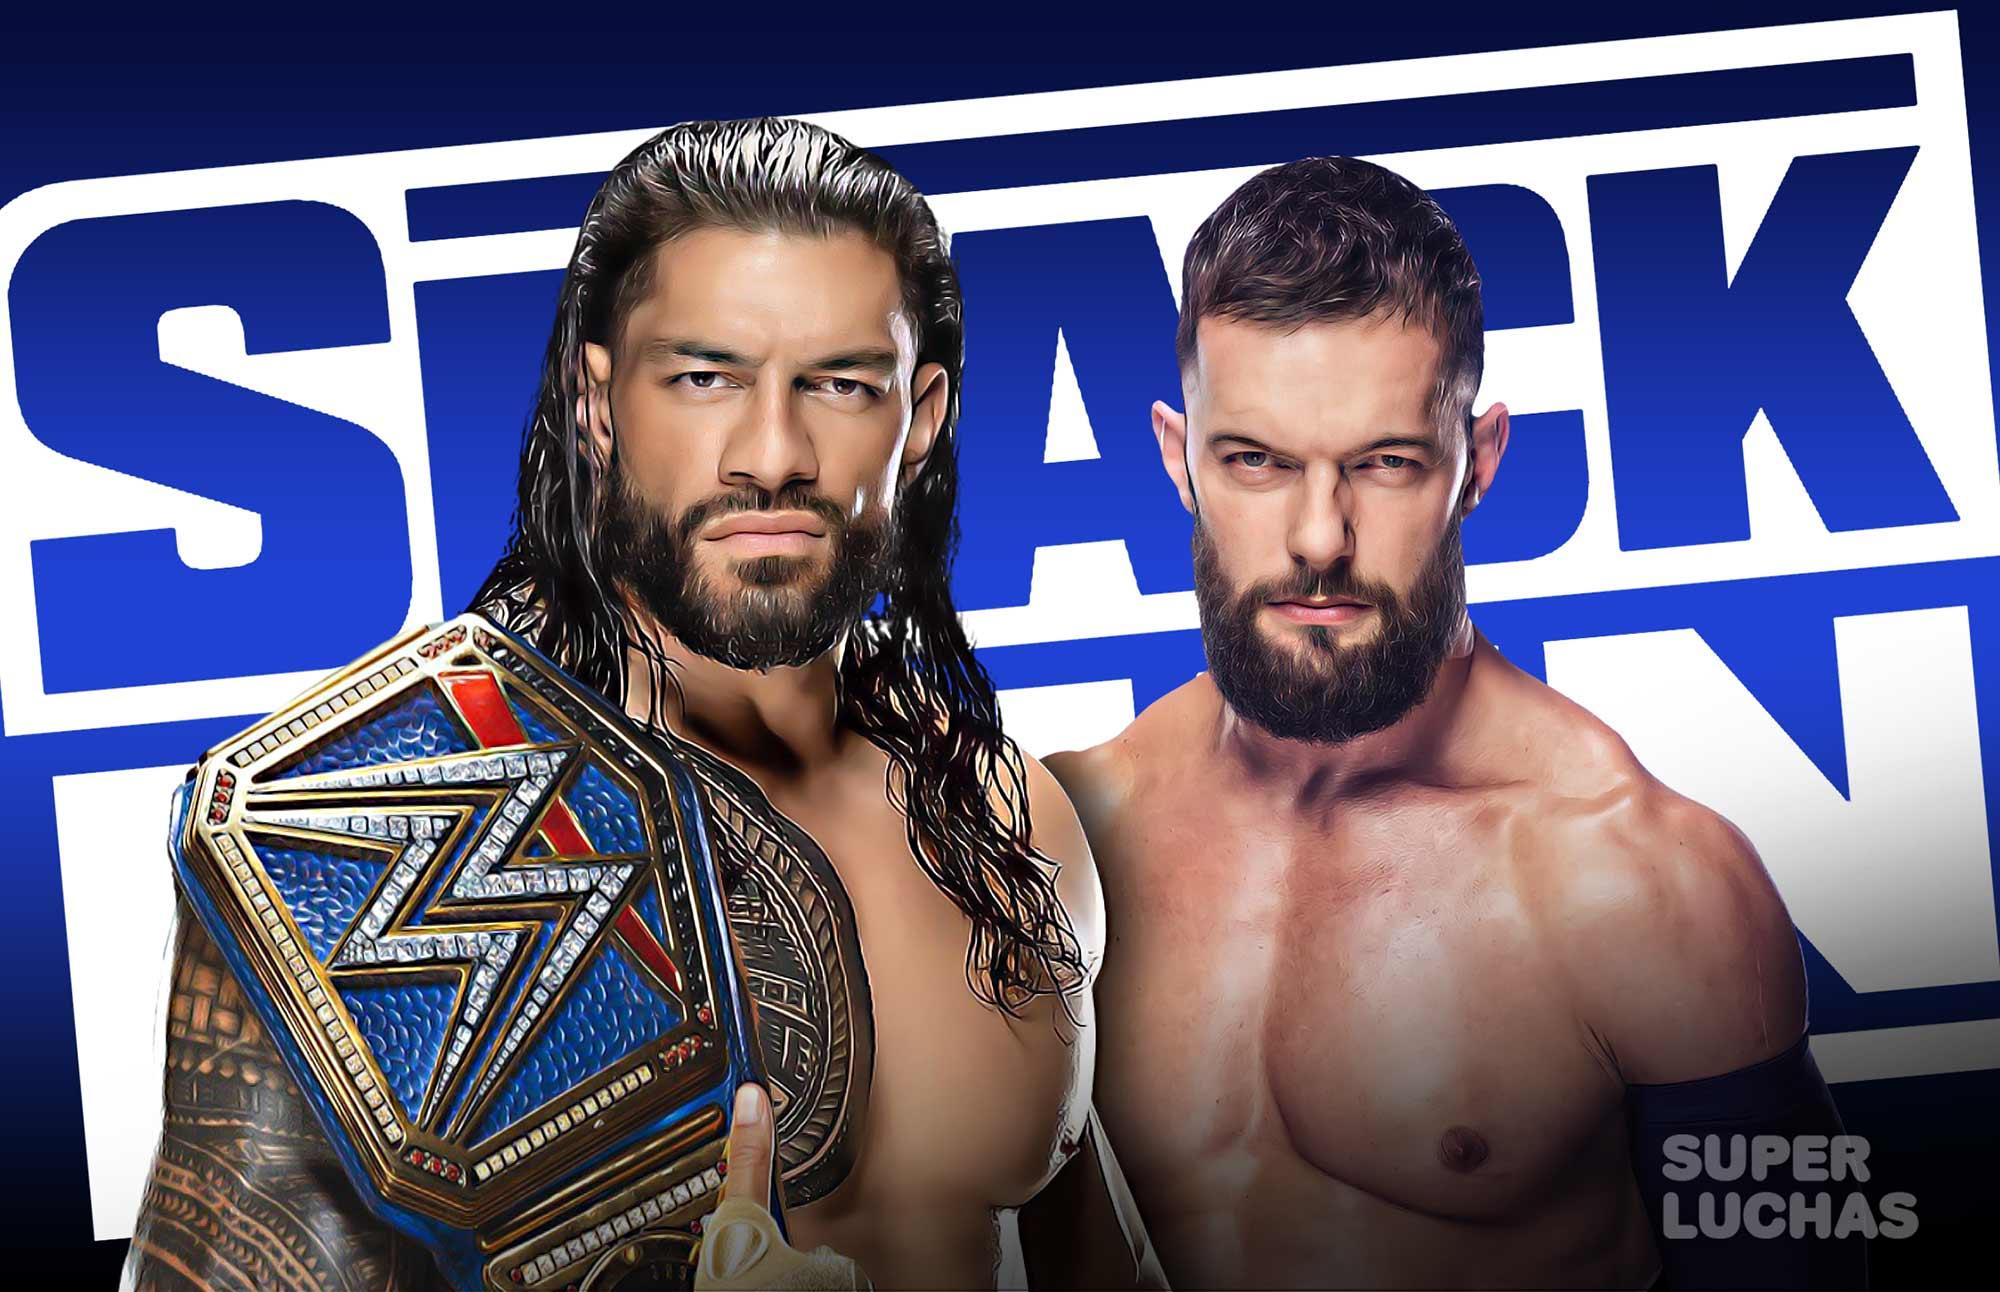 WWE SMACKDOWN September 3, 2021 | Live results | Roman Reigns vs. Finn Bálor